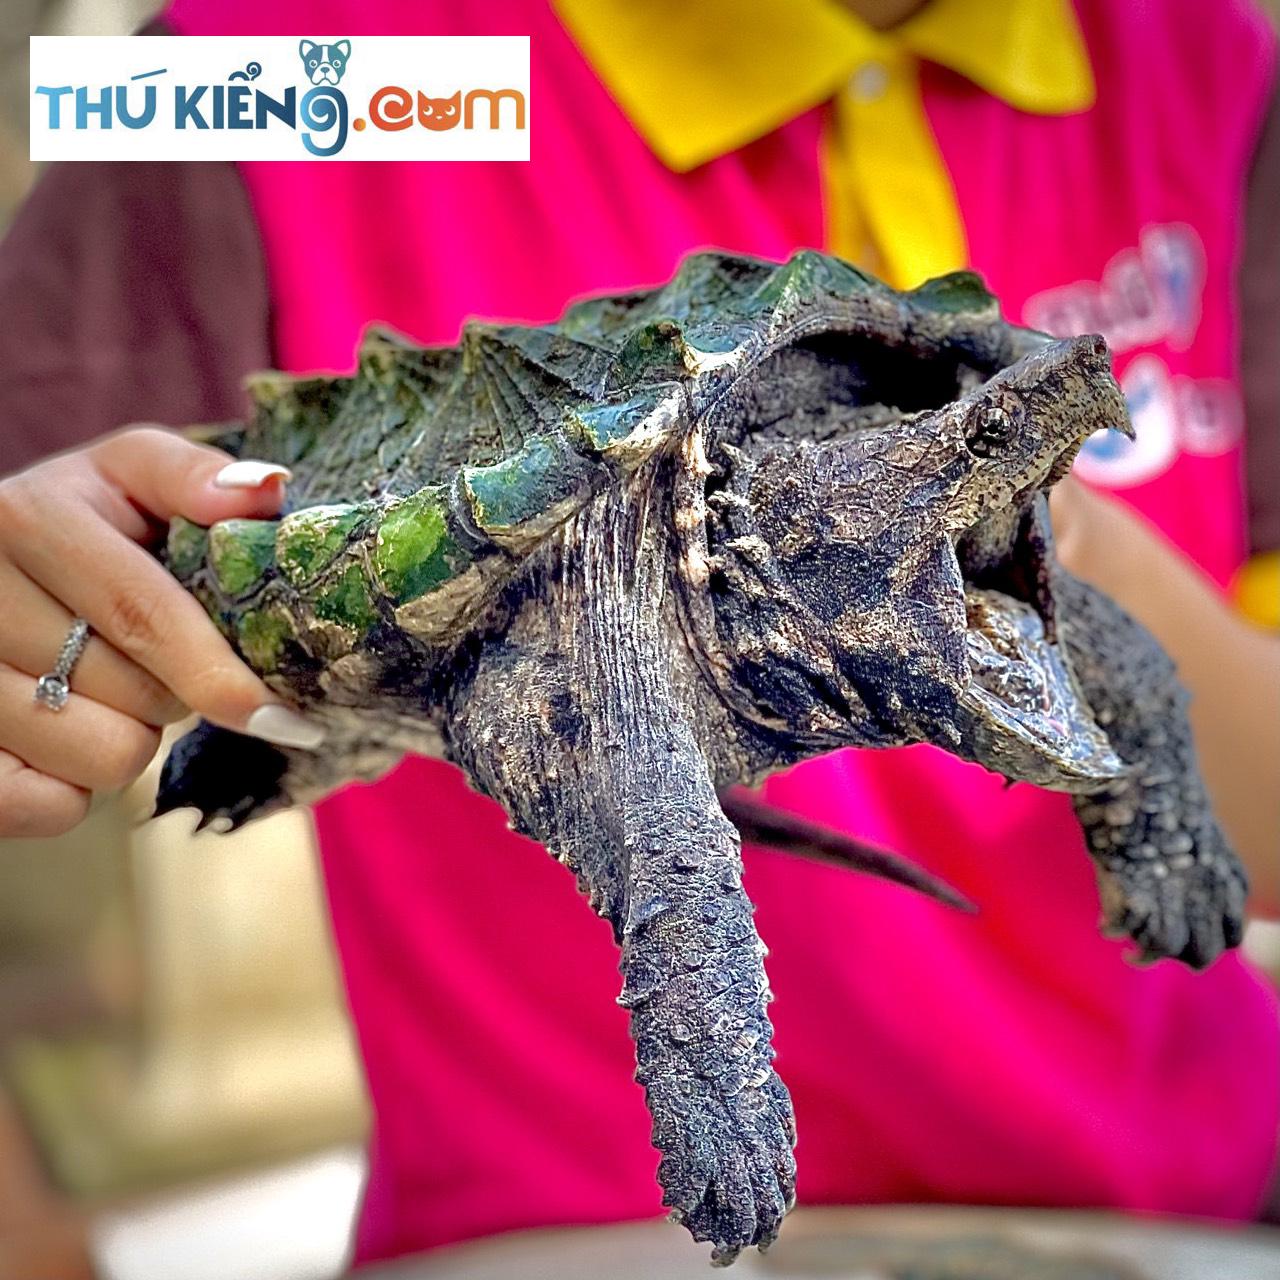 Ngoại hình độc lạ của giống rùa Bắc Mỹ